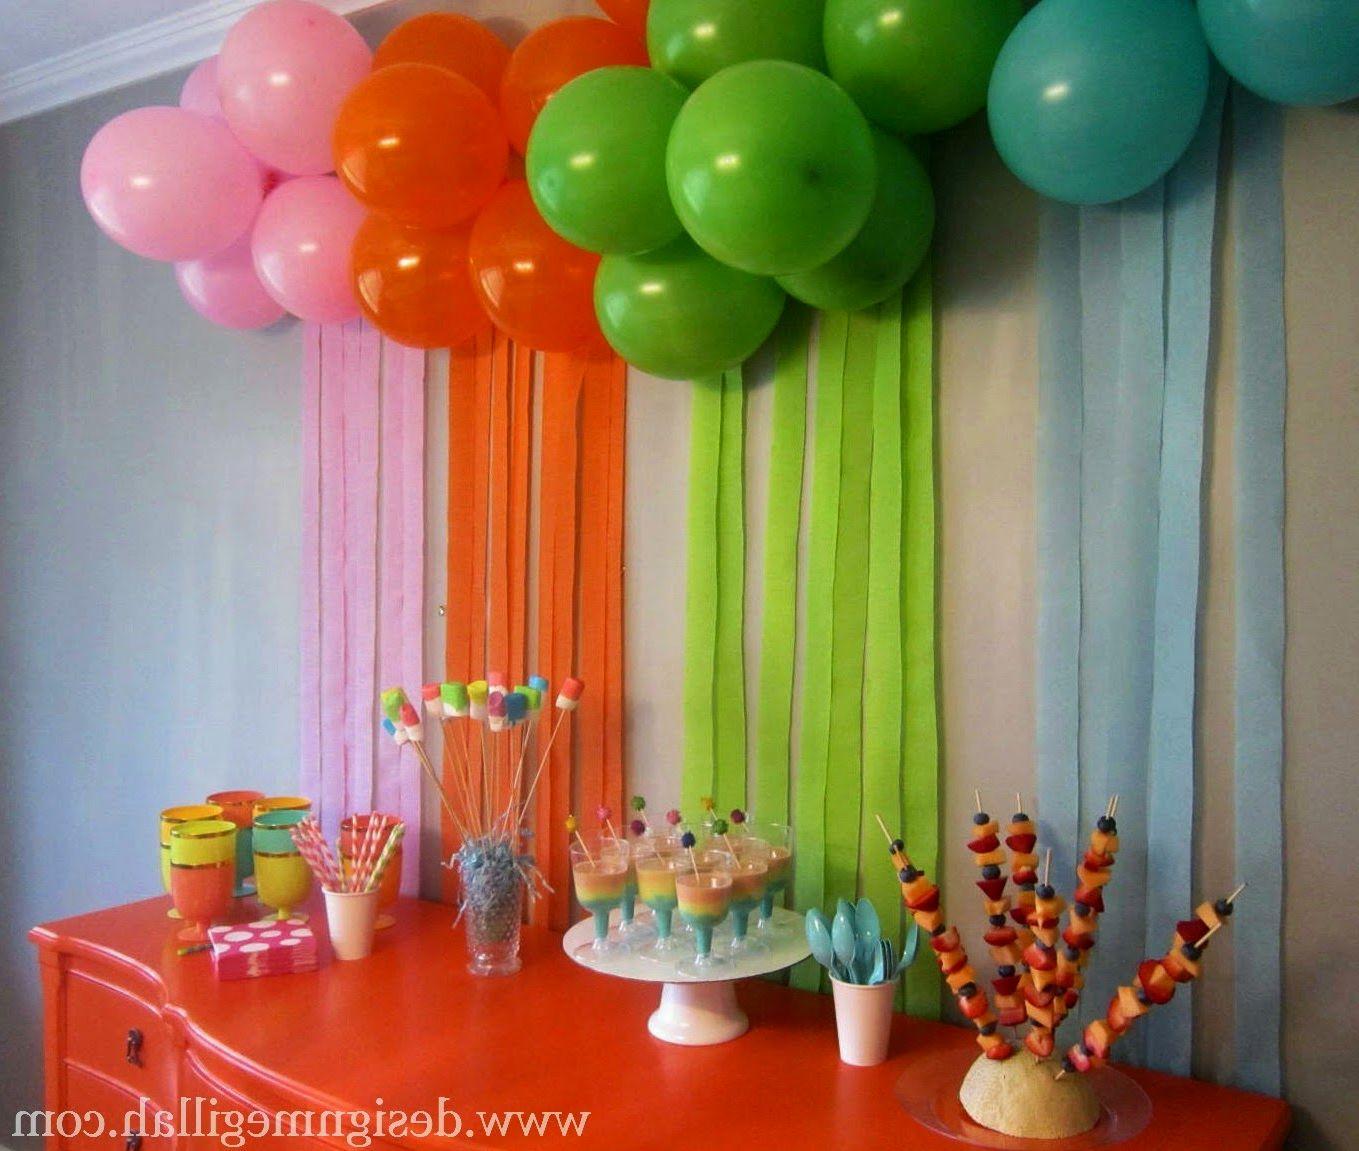 Second Home Decorating Ideas: Оформление детского праздника дома своими руками